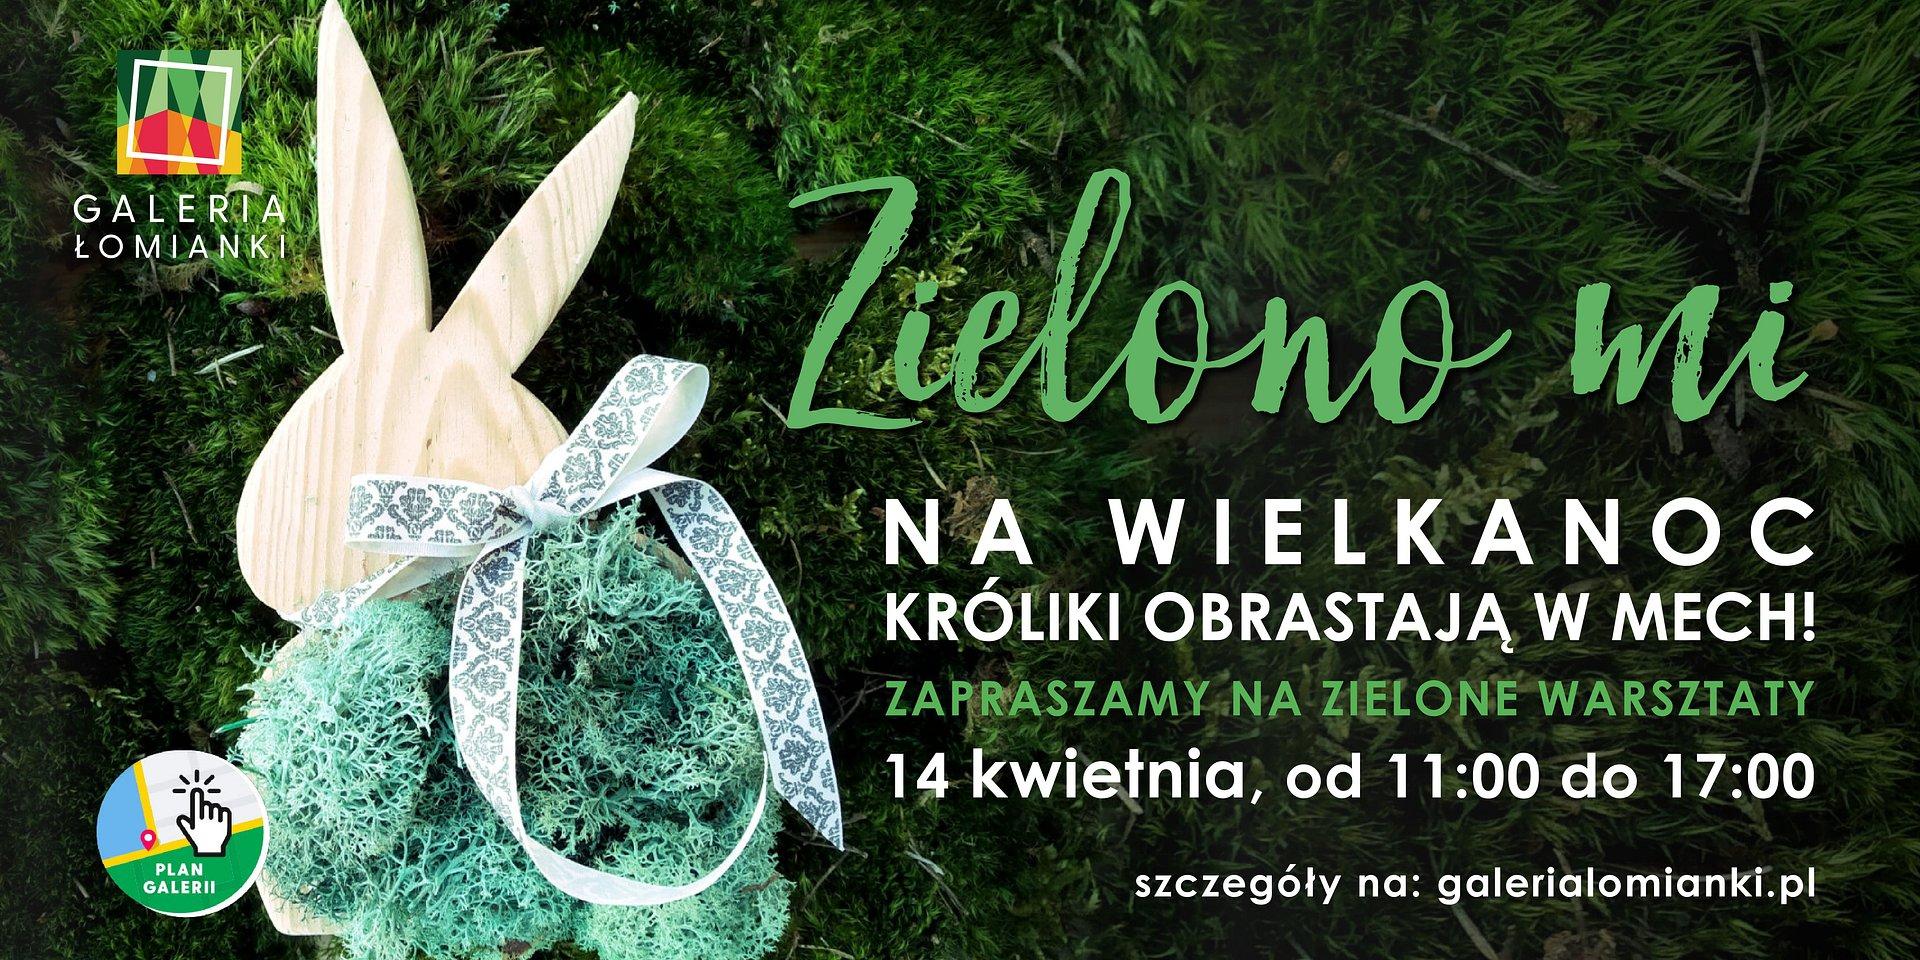 """Wielkanocne """"Zielono mi"""". Bezpłatne warsztaty tworzenia świątecznych królików w Galerii Łomianki!"""